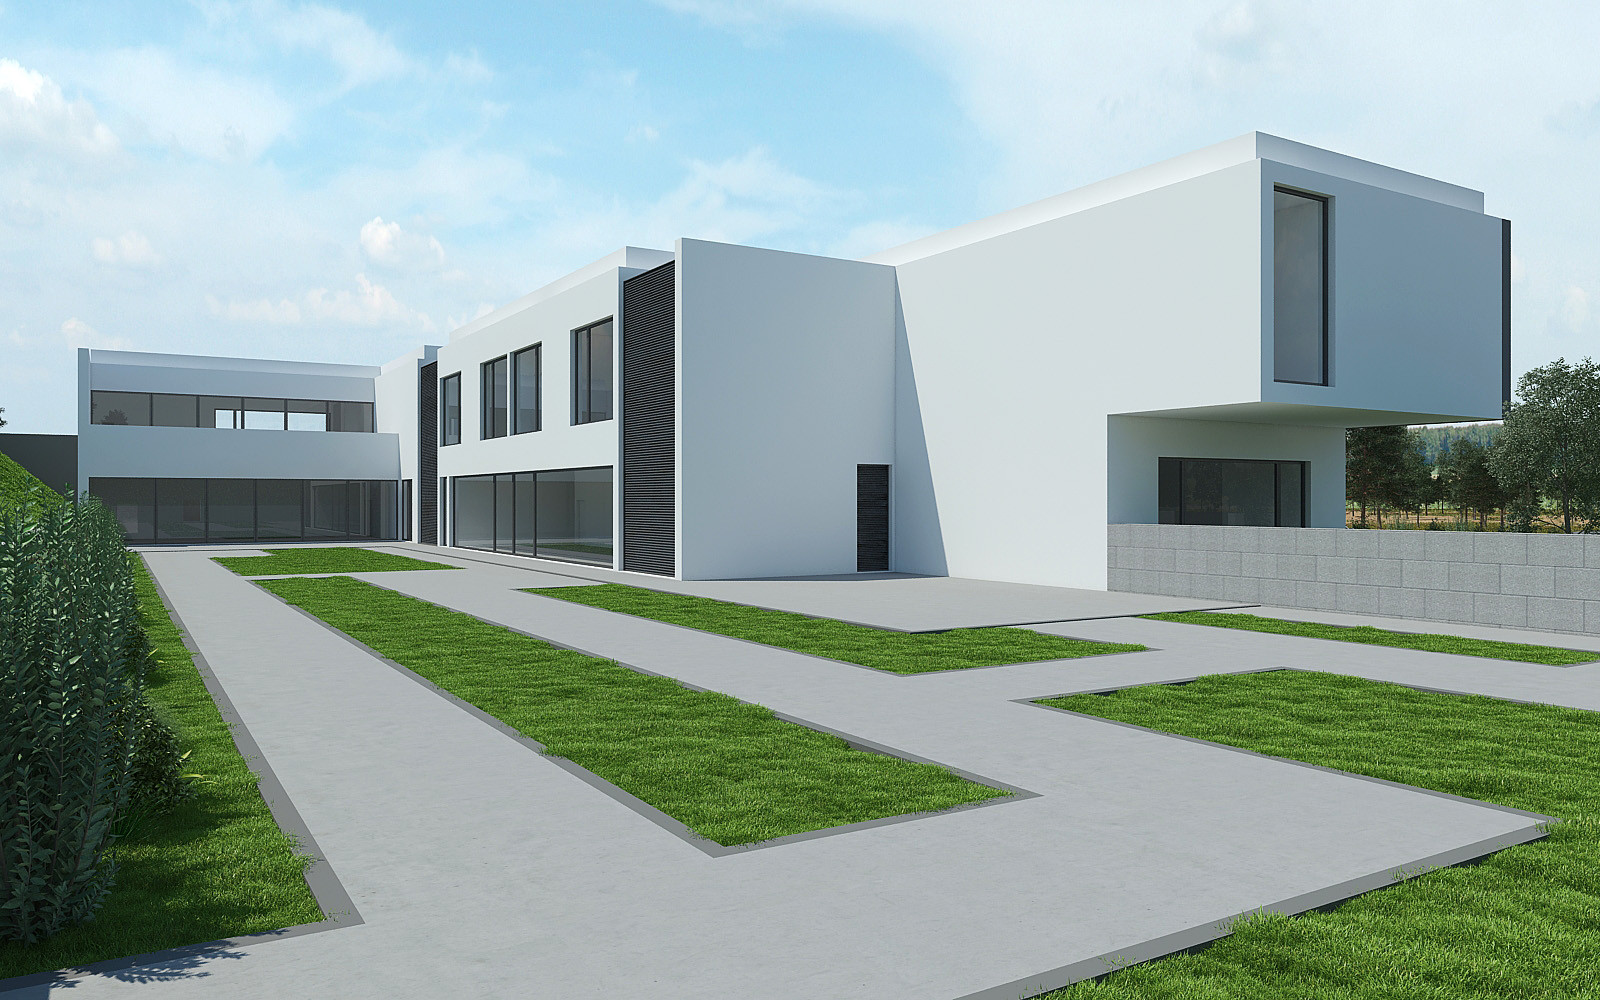 Lar Residencial e Centro de Actividades Ocupacionais (CAO)